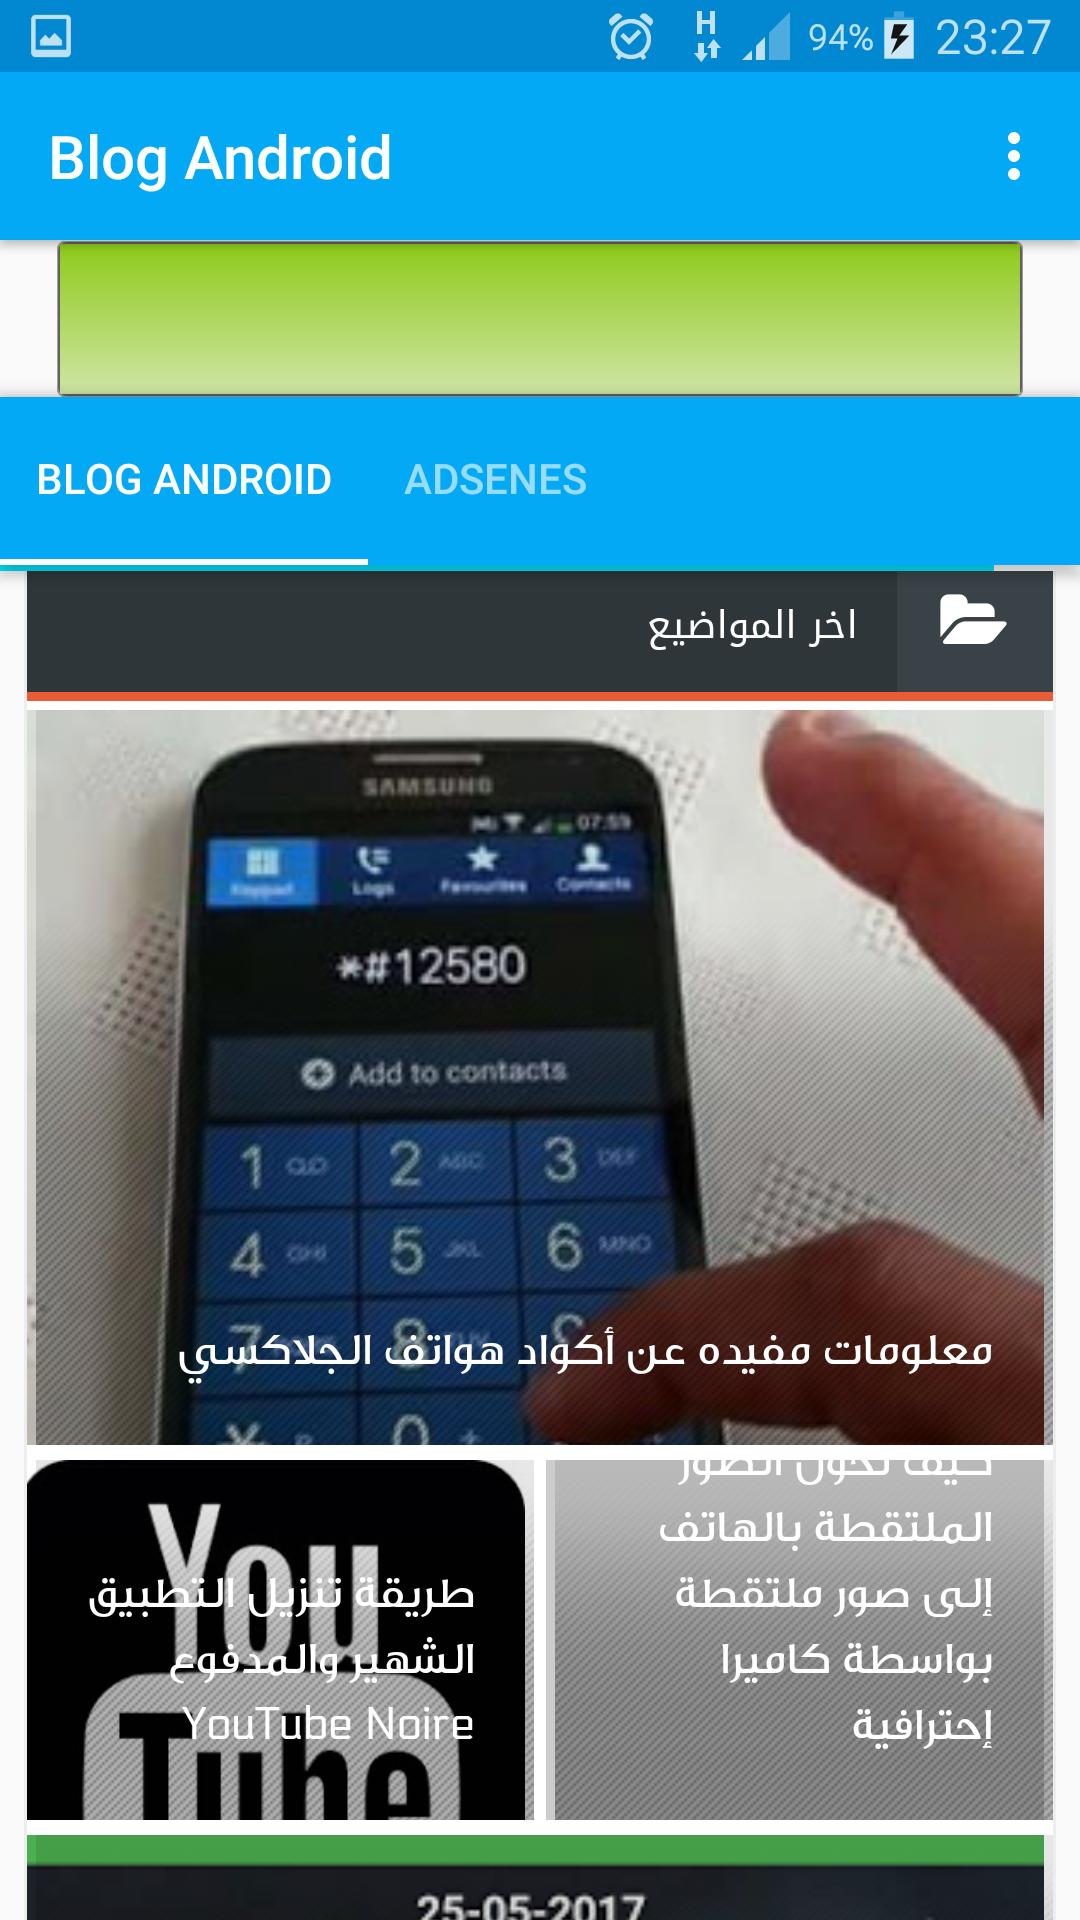 Screenshot Android blog APK